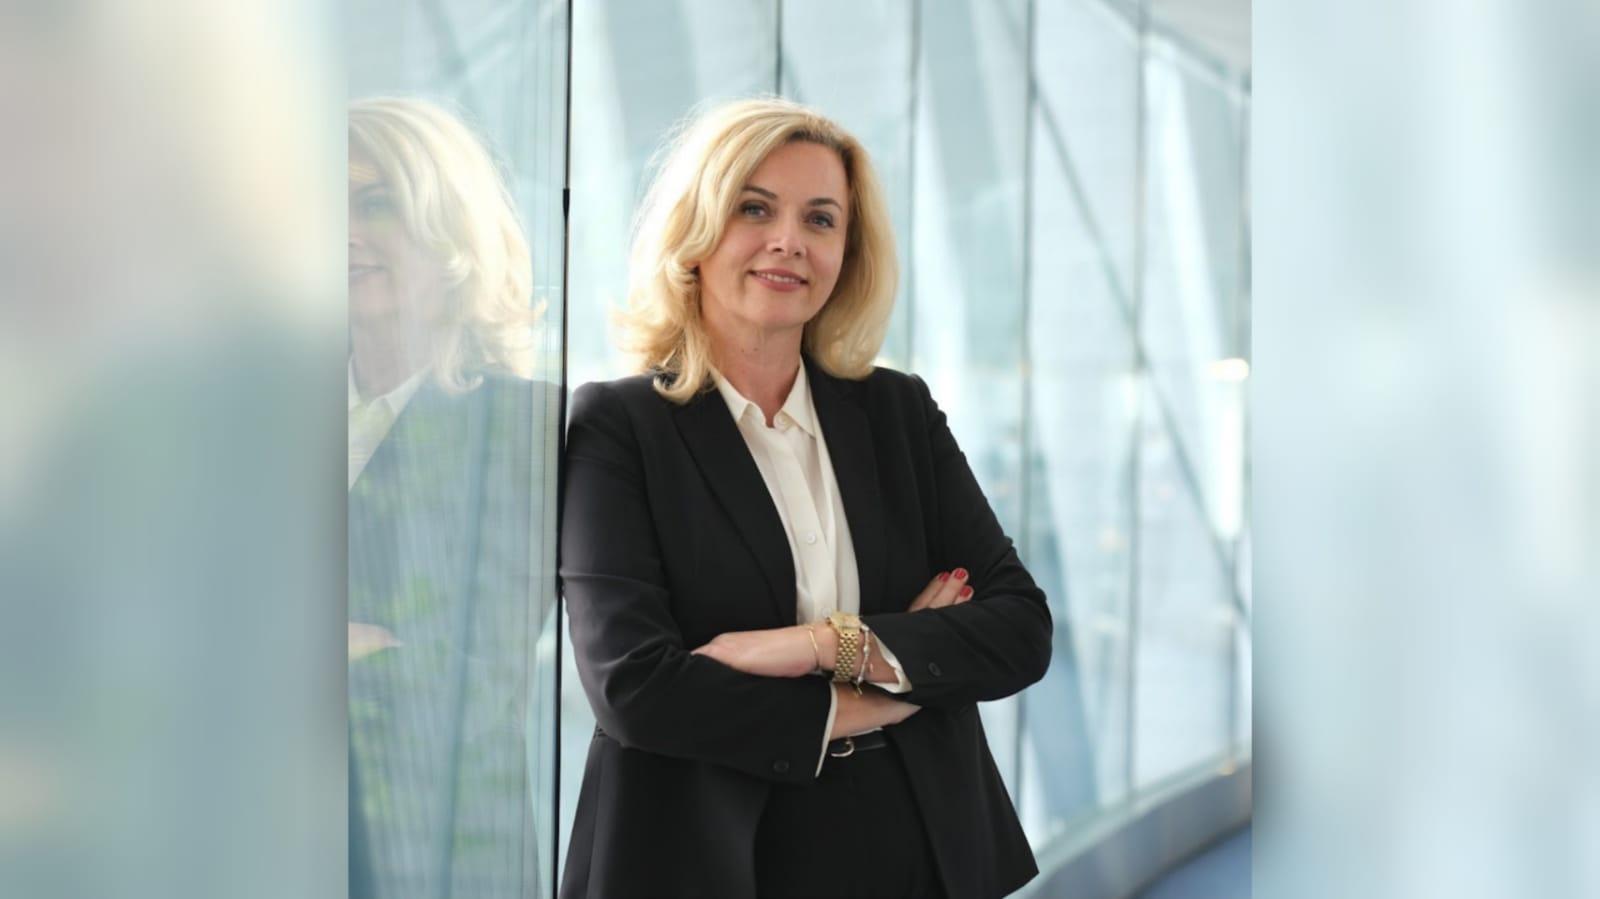 Zeljana Zovko observación electoral